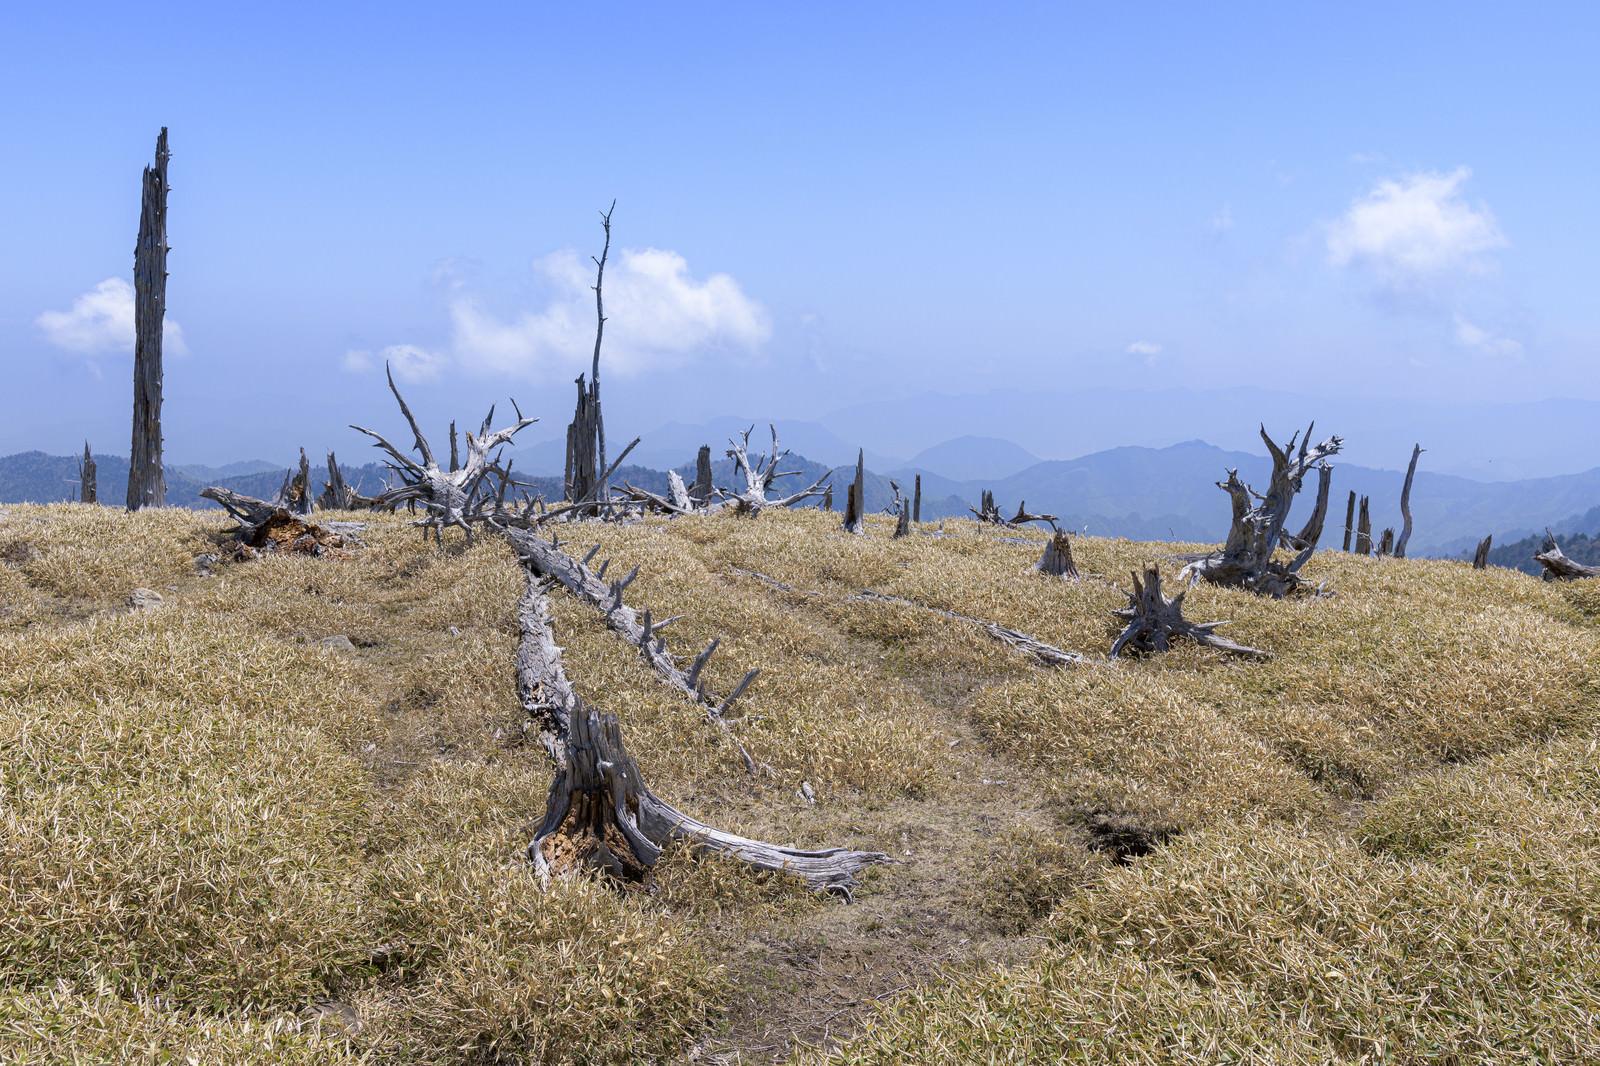 「伊勢湾台風で枯れた木々の跡(大台ヶ原)」の写真